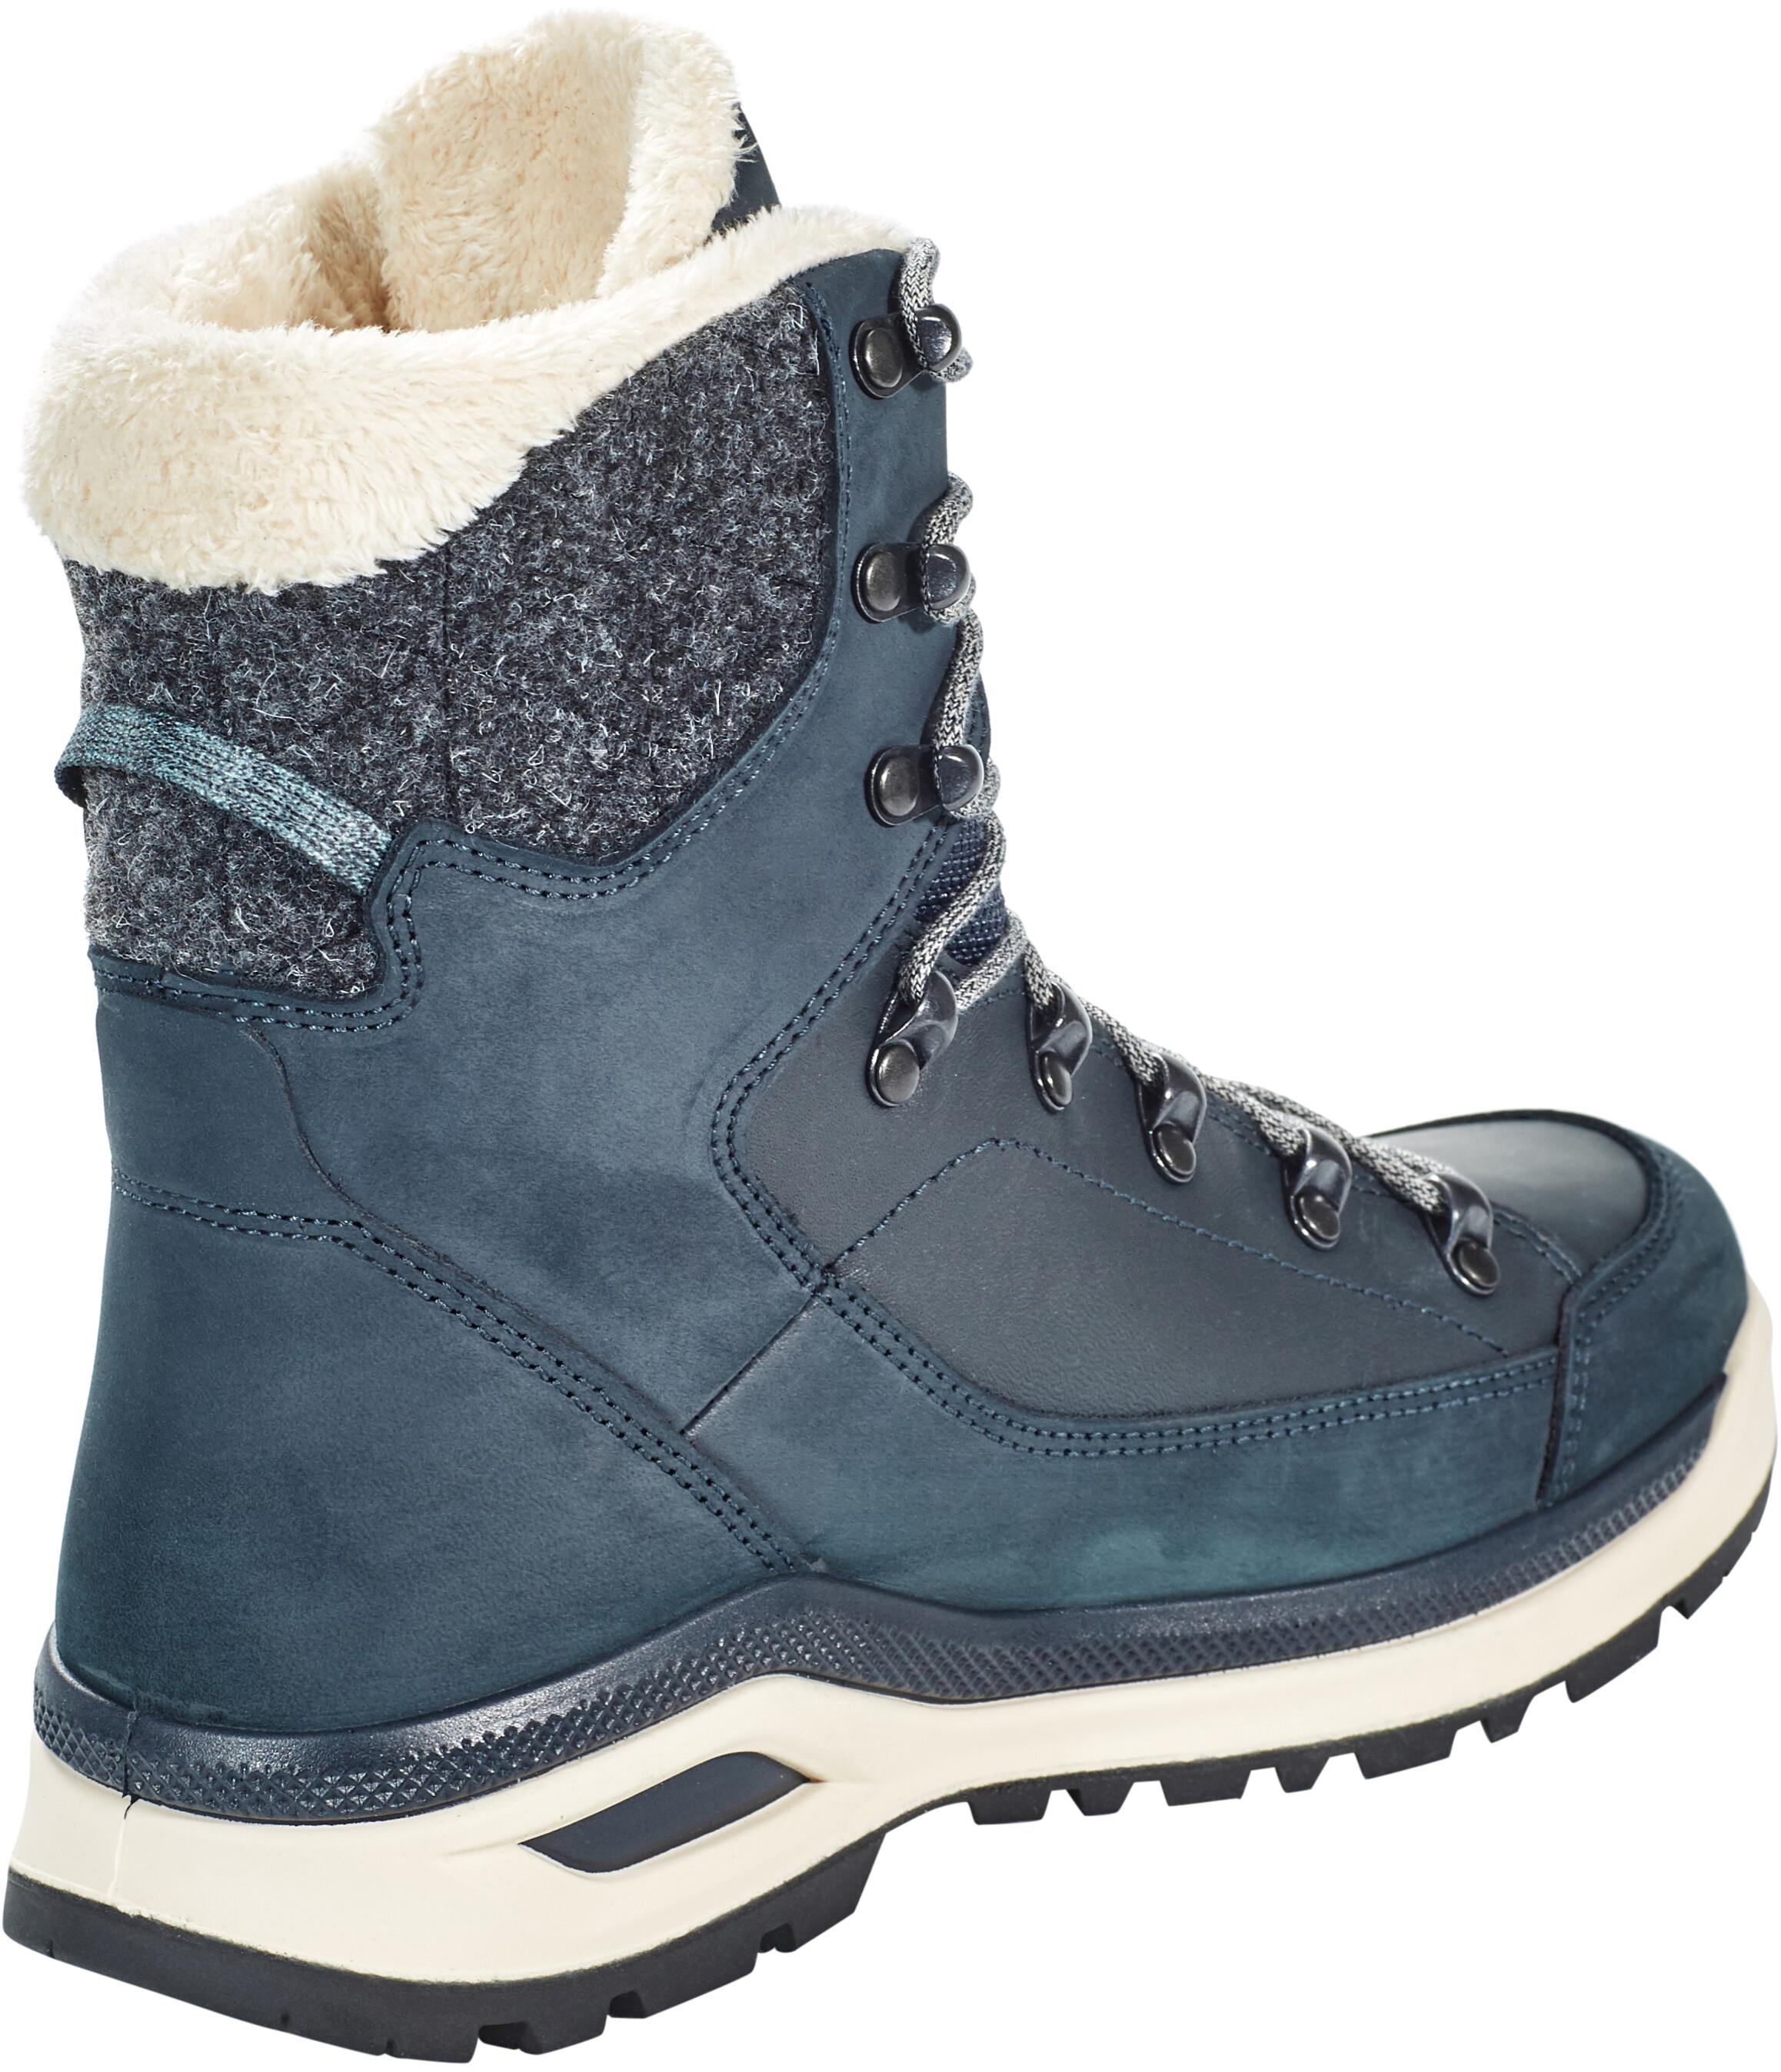 Website für Rabatt Bestpreis Heiß-Verkauf am neuesten Lowa Renegade Evo Ice GTX Boots Women navy